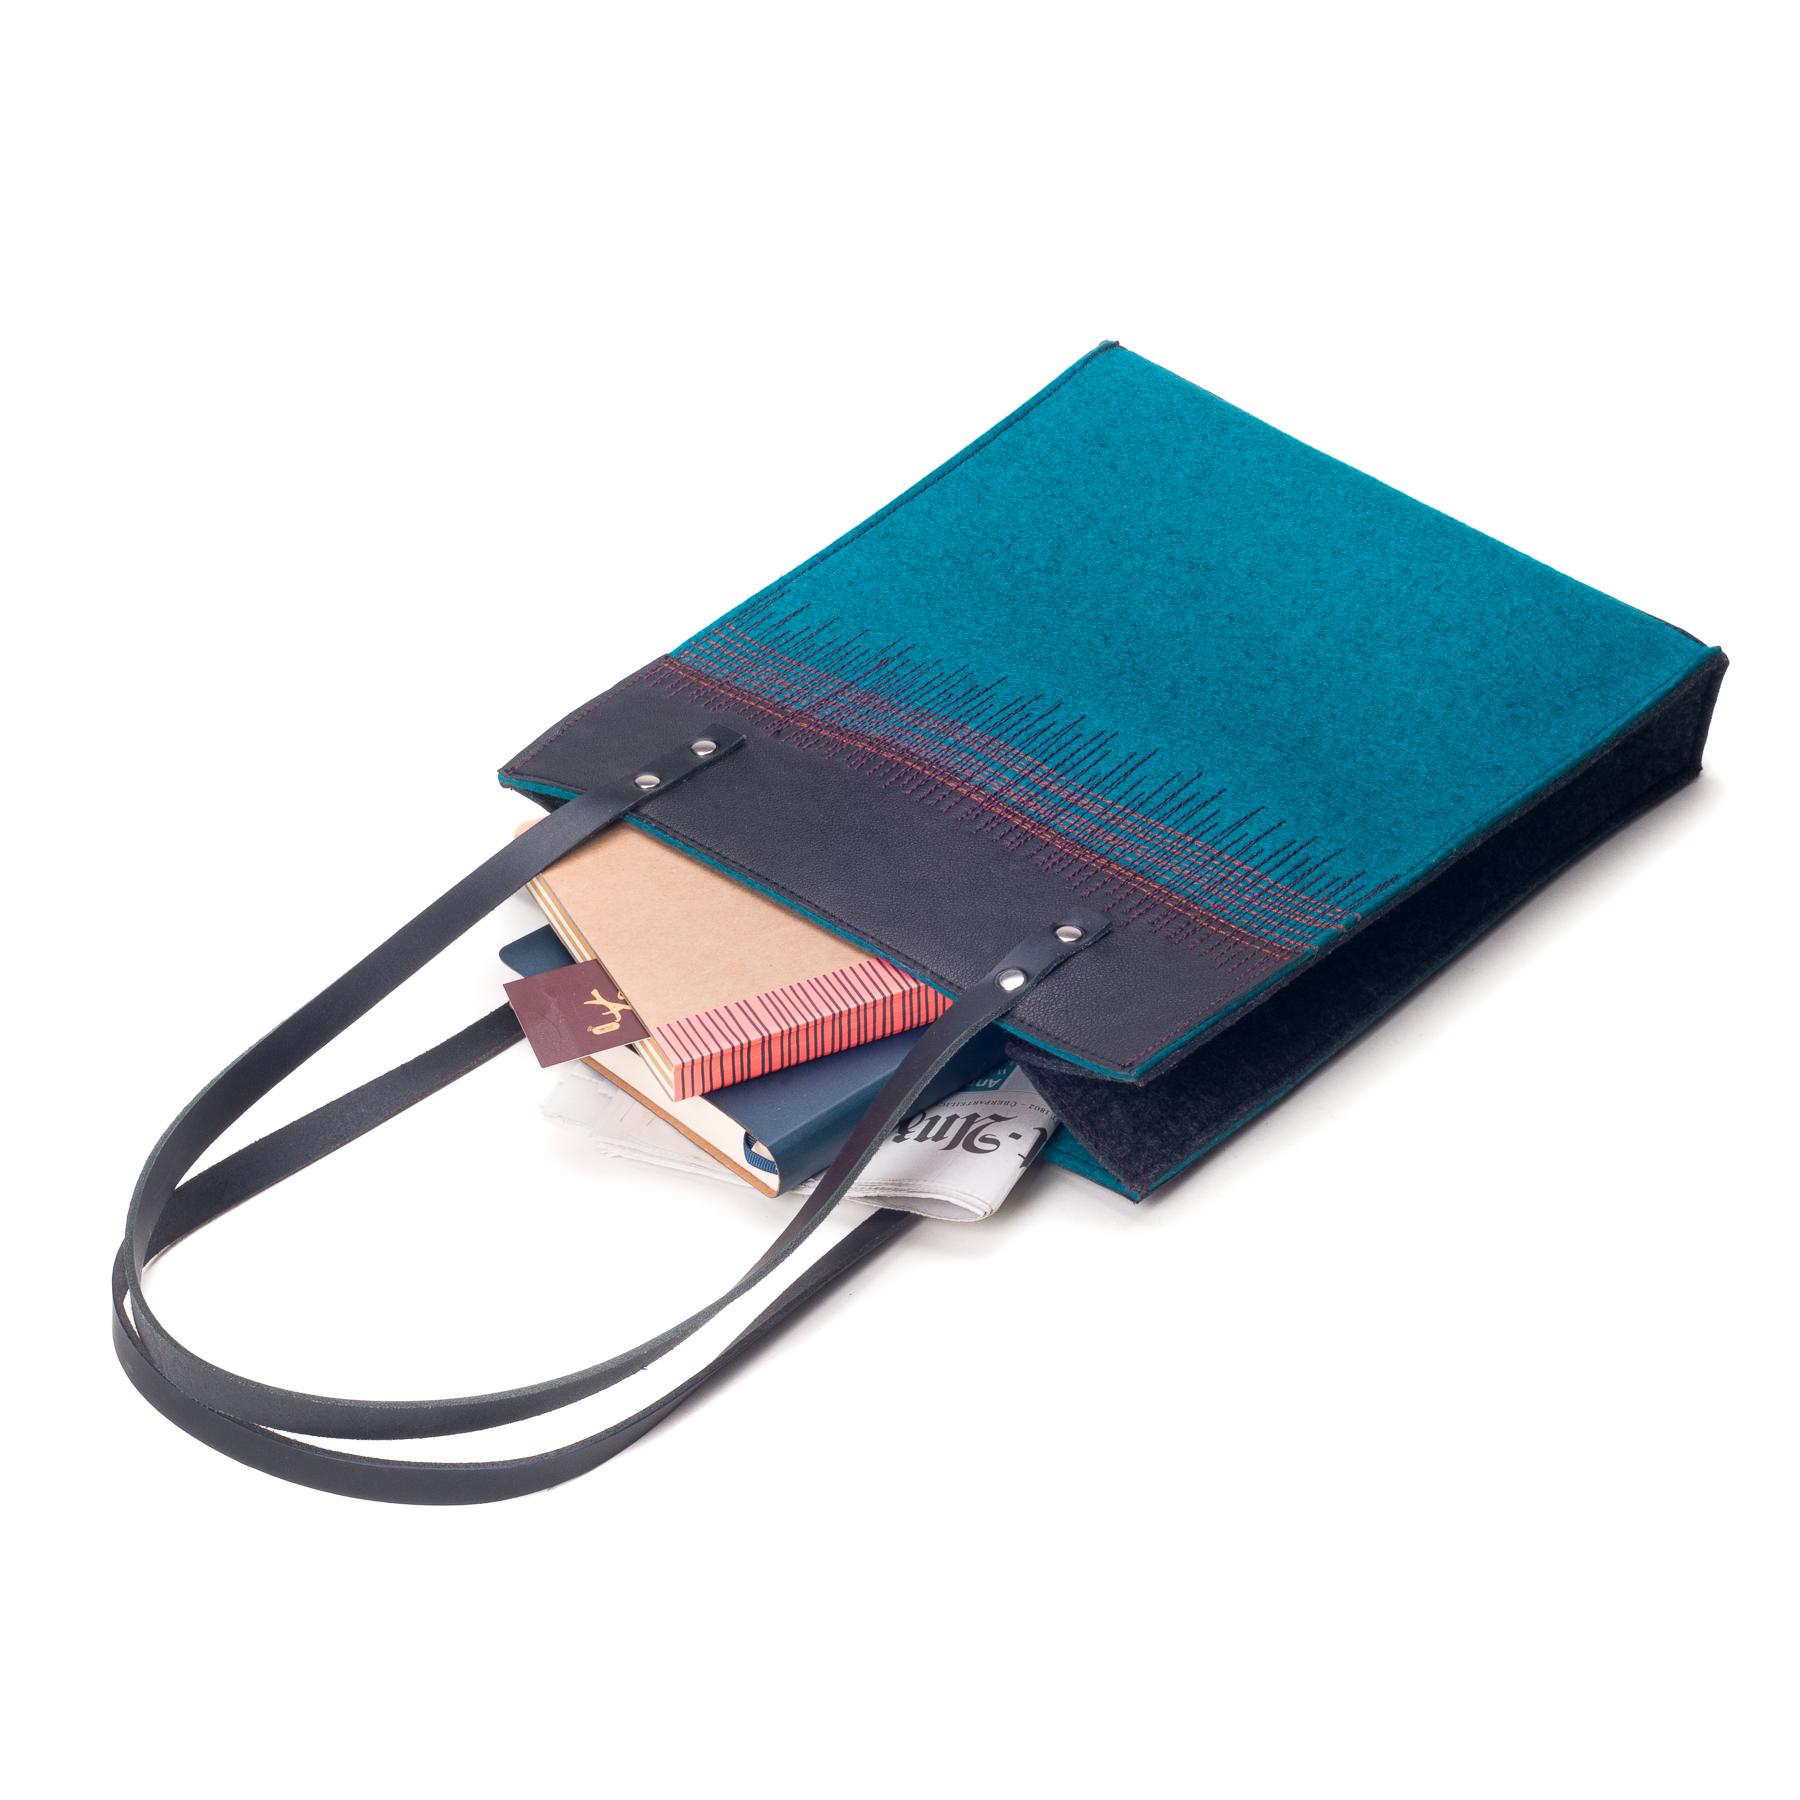 damen-handtasche-filz-leder-petrol-designer-shop-2